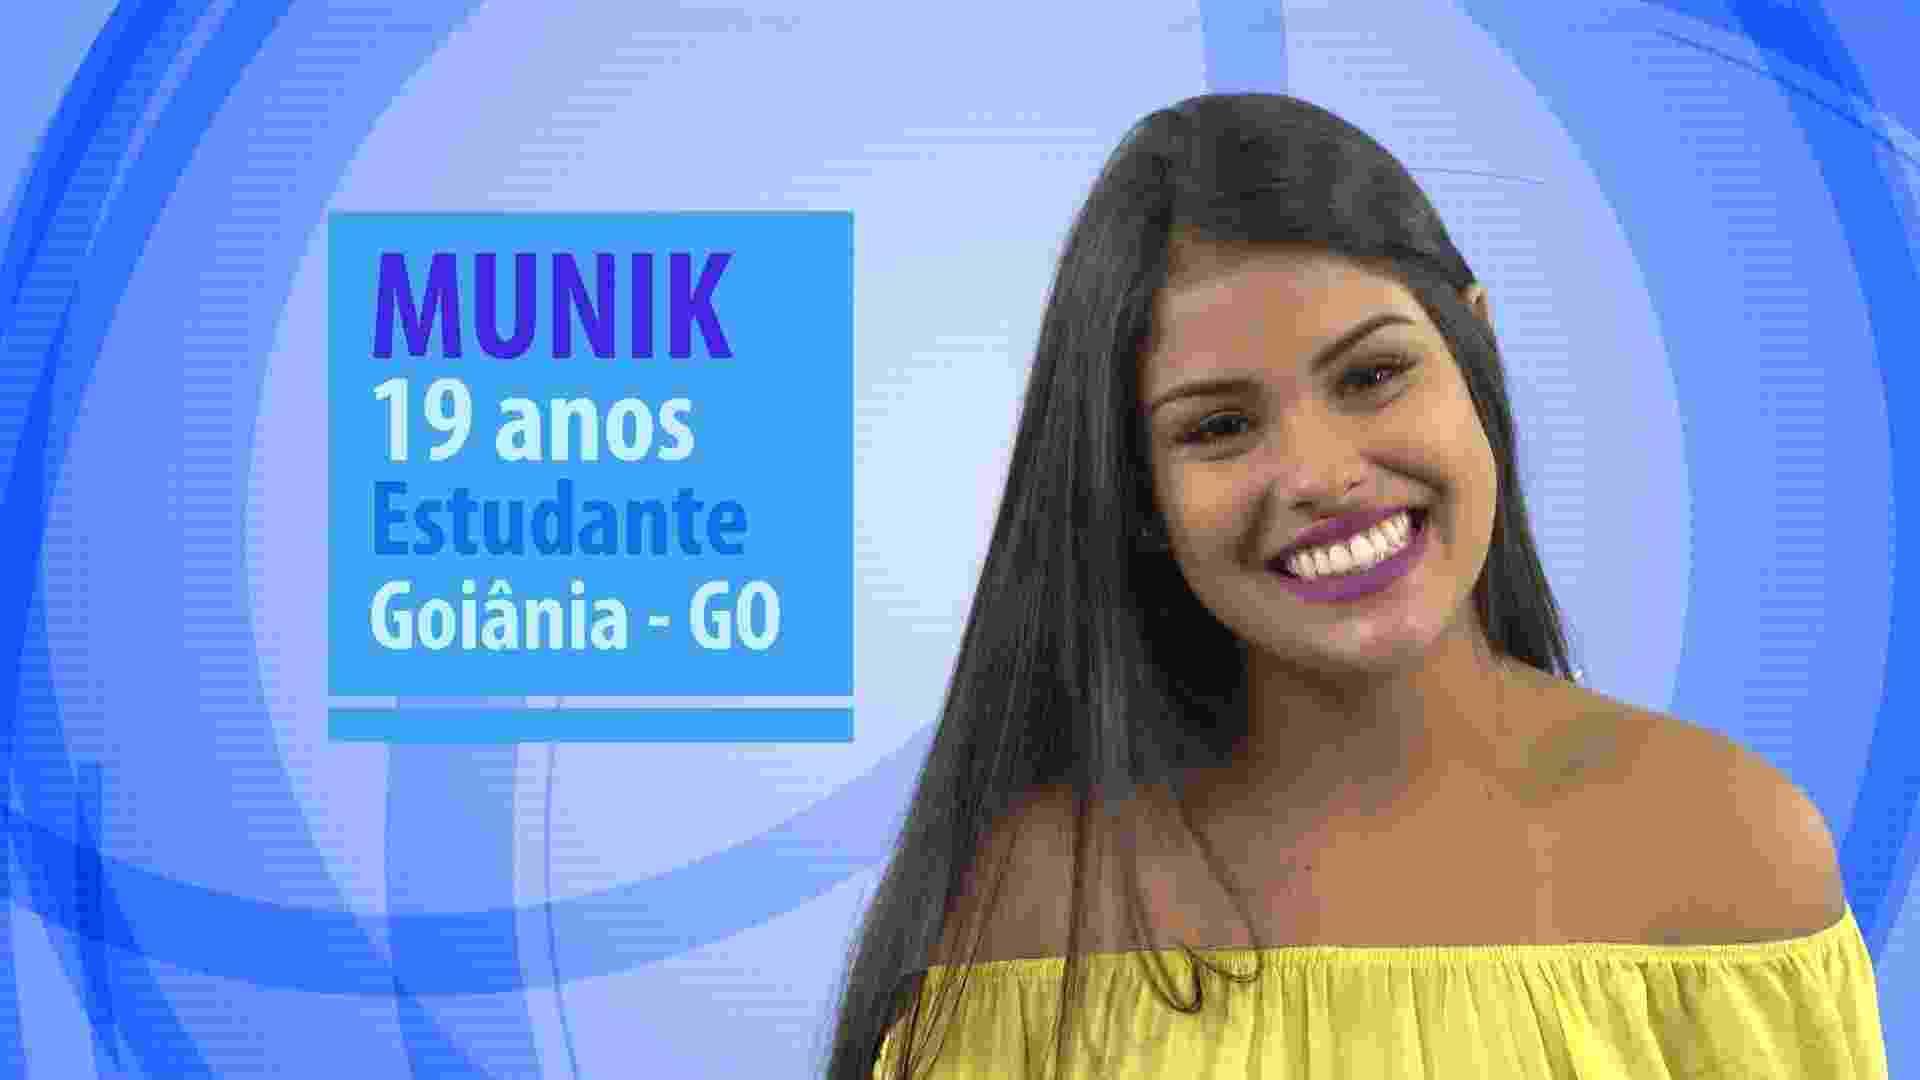 """Munik, participante do """"BBB16"""", tem 19 anos, é estudante e mora em Goiânia (GO) - Divulgação/TV Globo"""